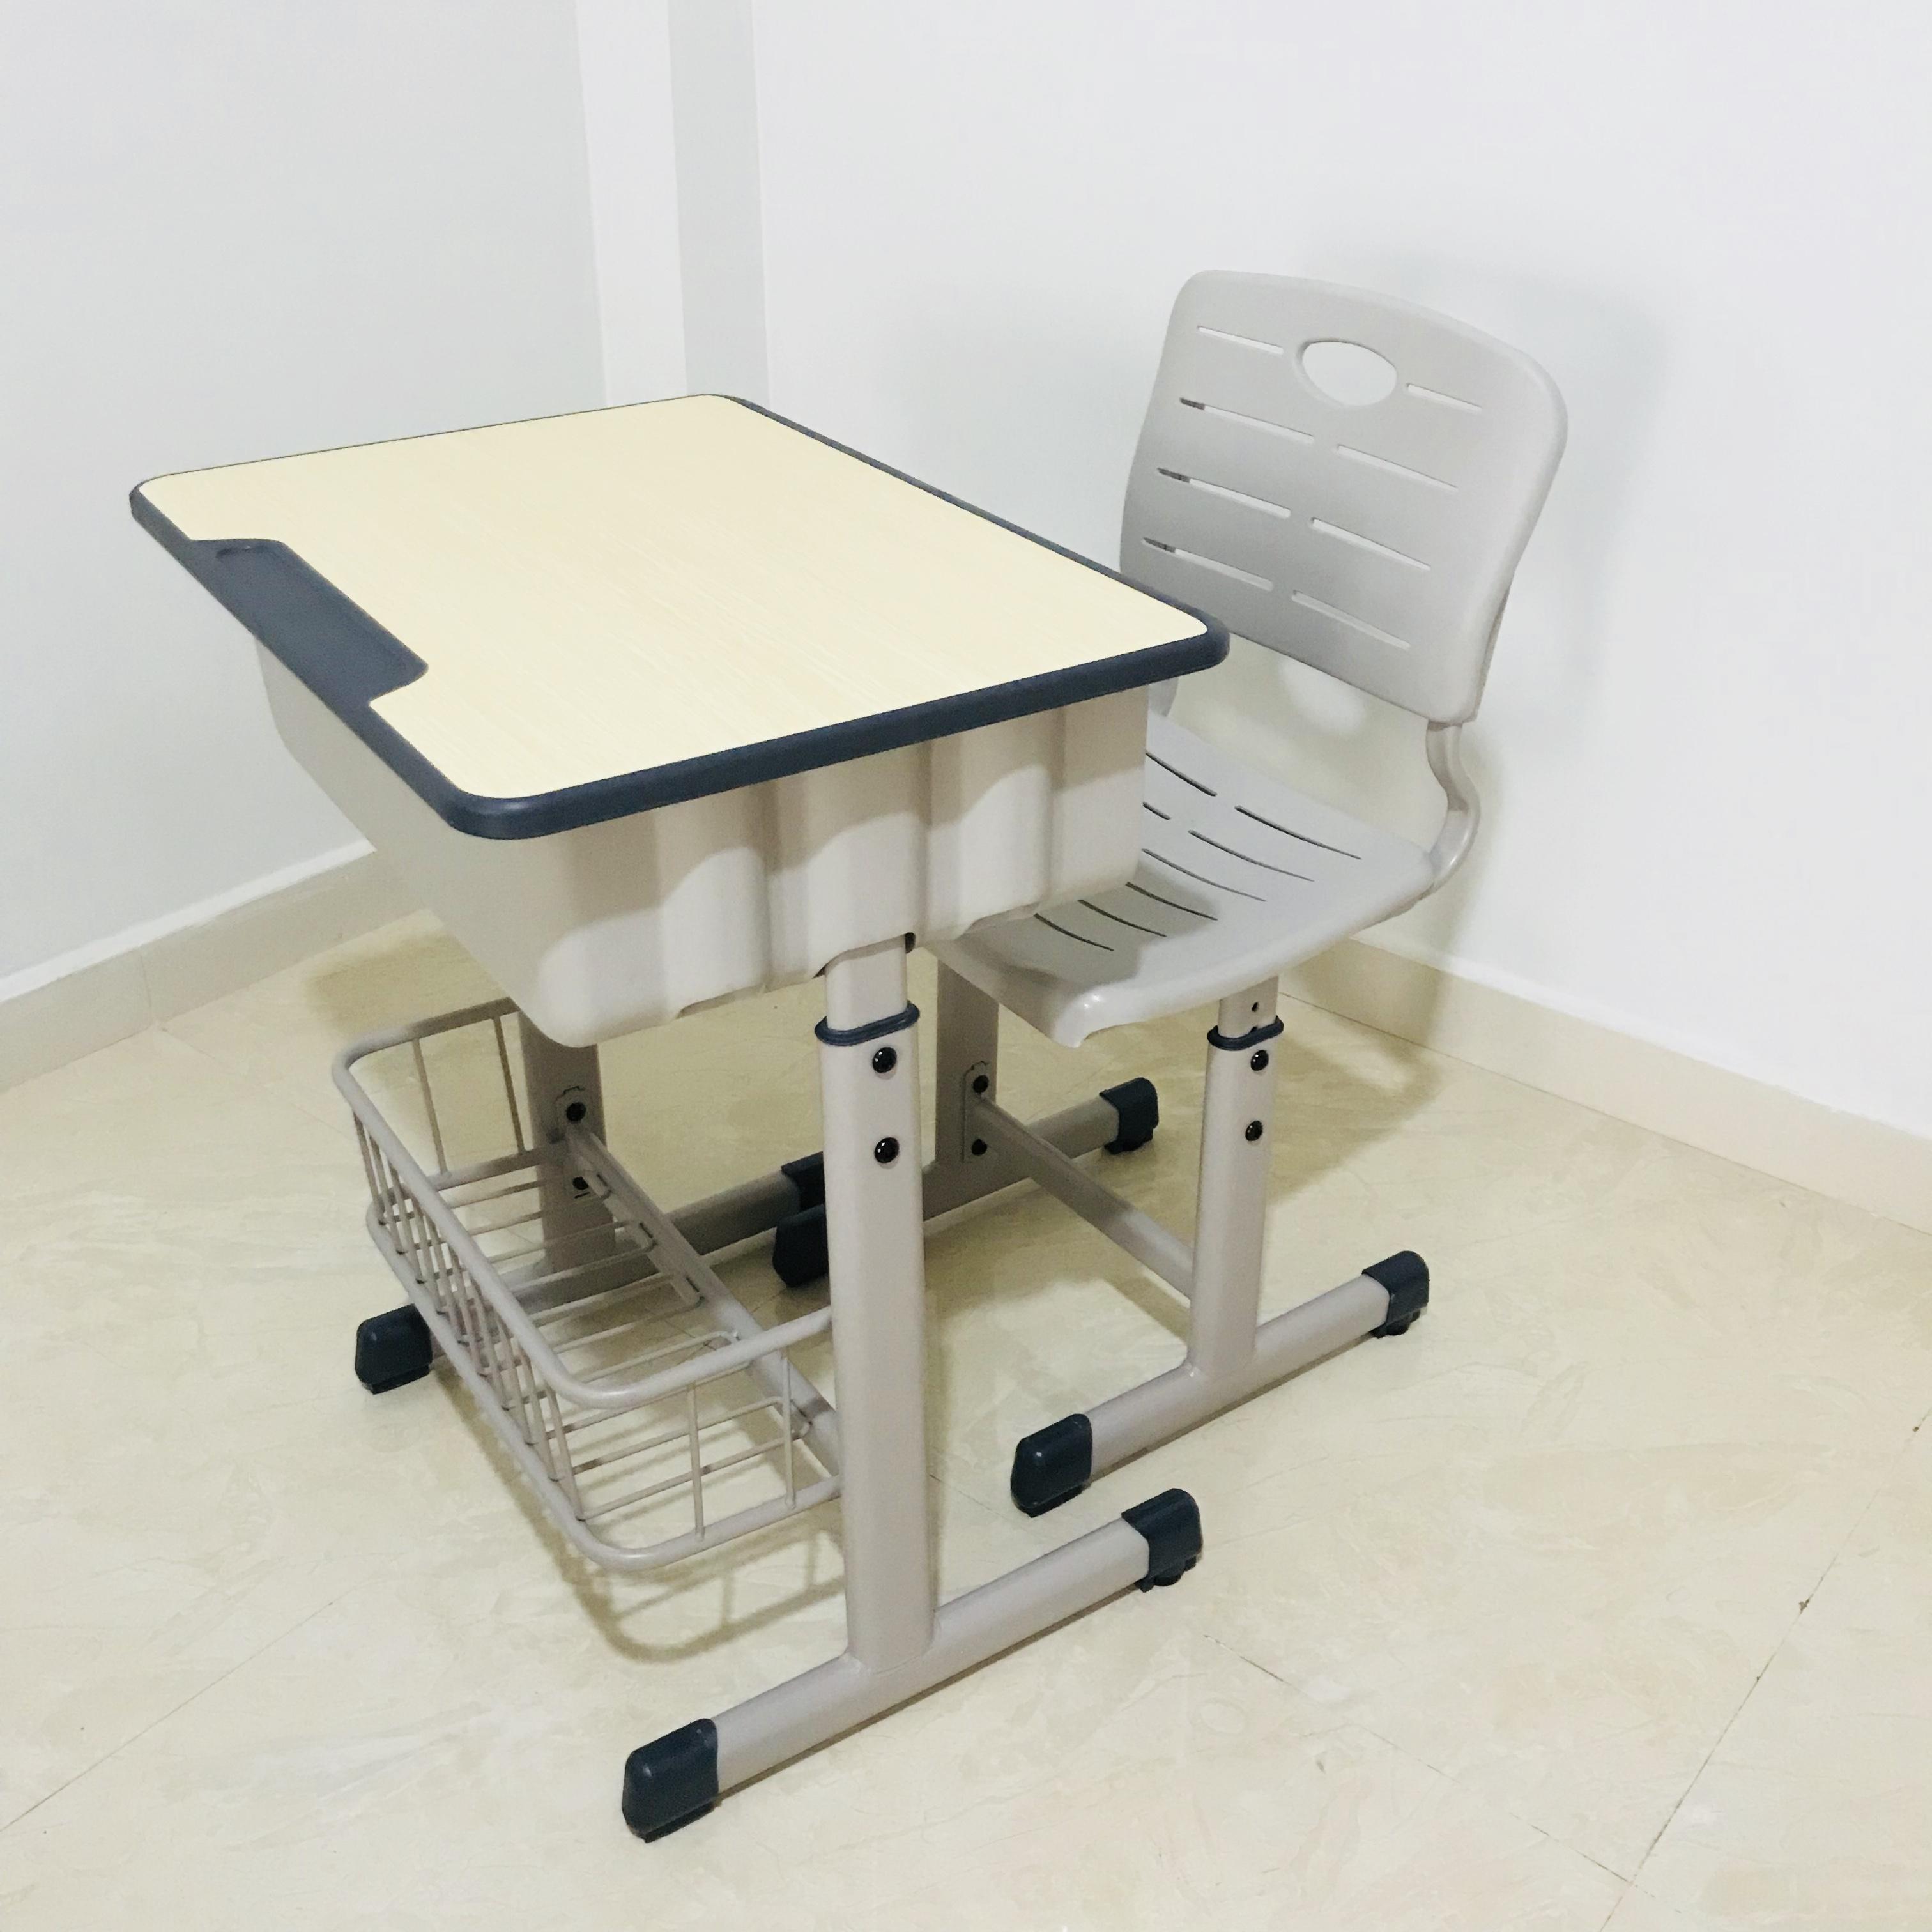 育才单人学生课桌椅学习写字台可升降书桌椅套装家用培训学校